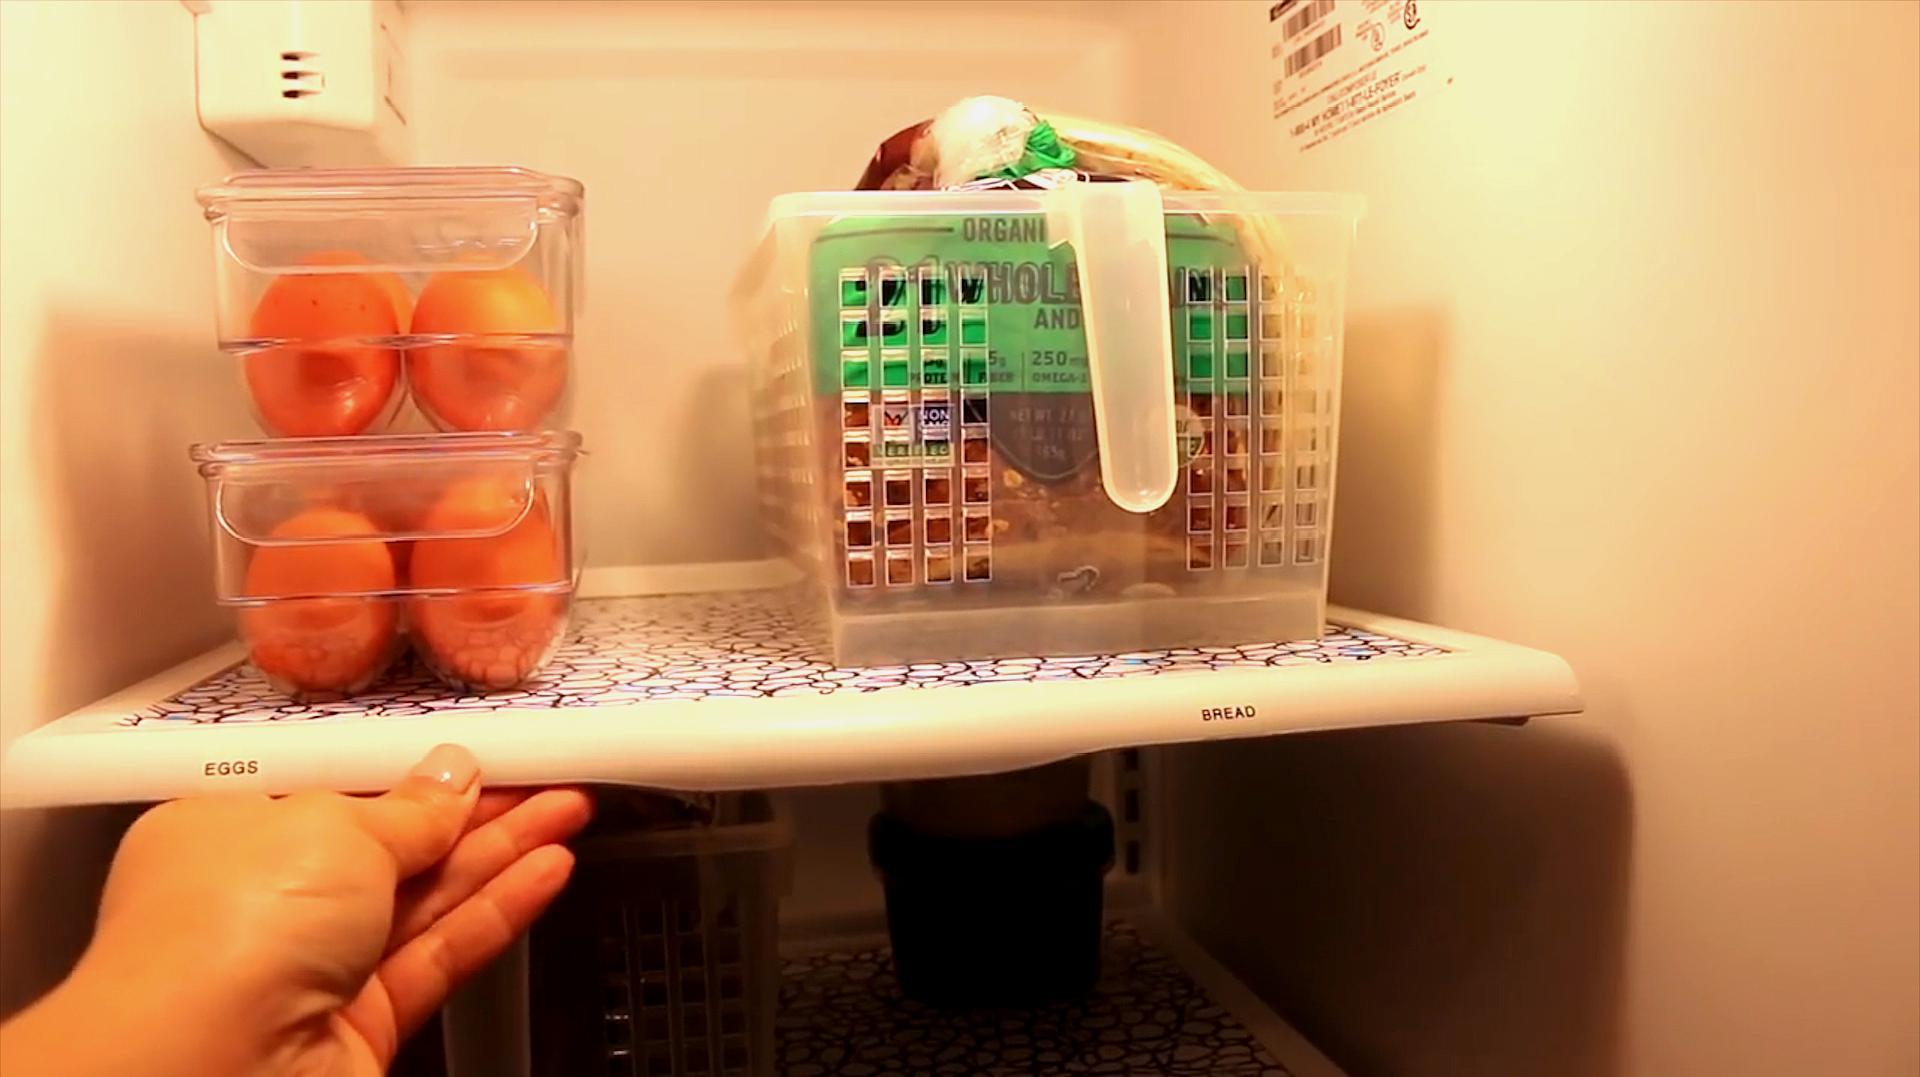 冰箱里面这几样东西不能放!看完一定得注意,后悔今天才知道